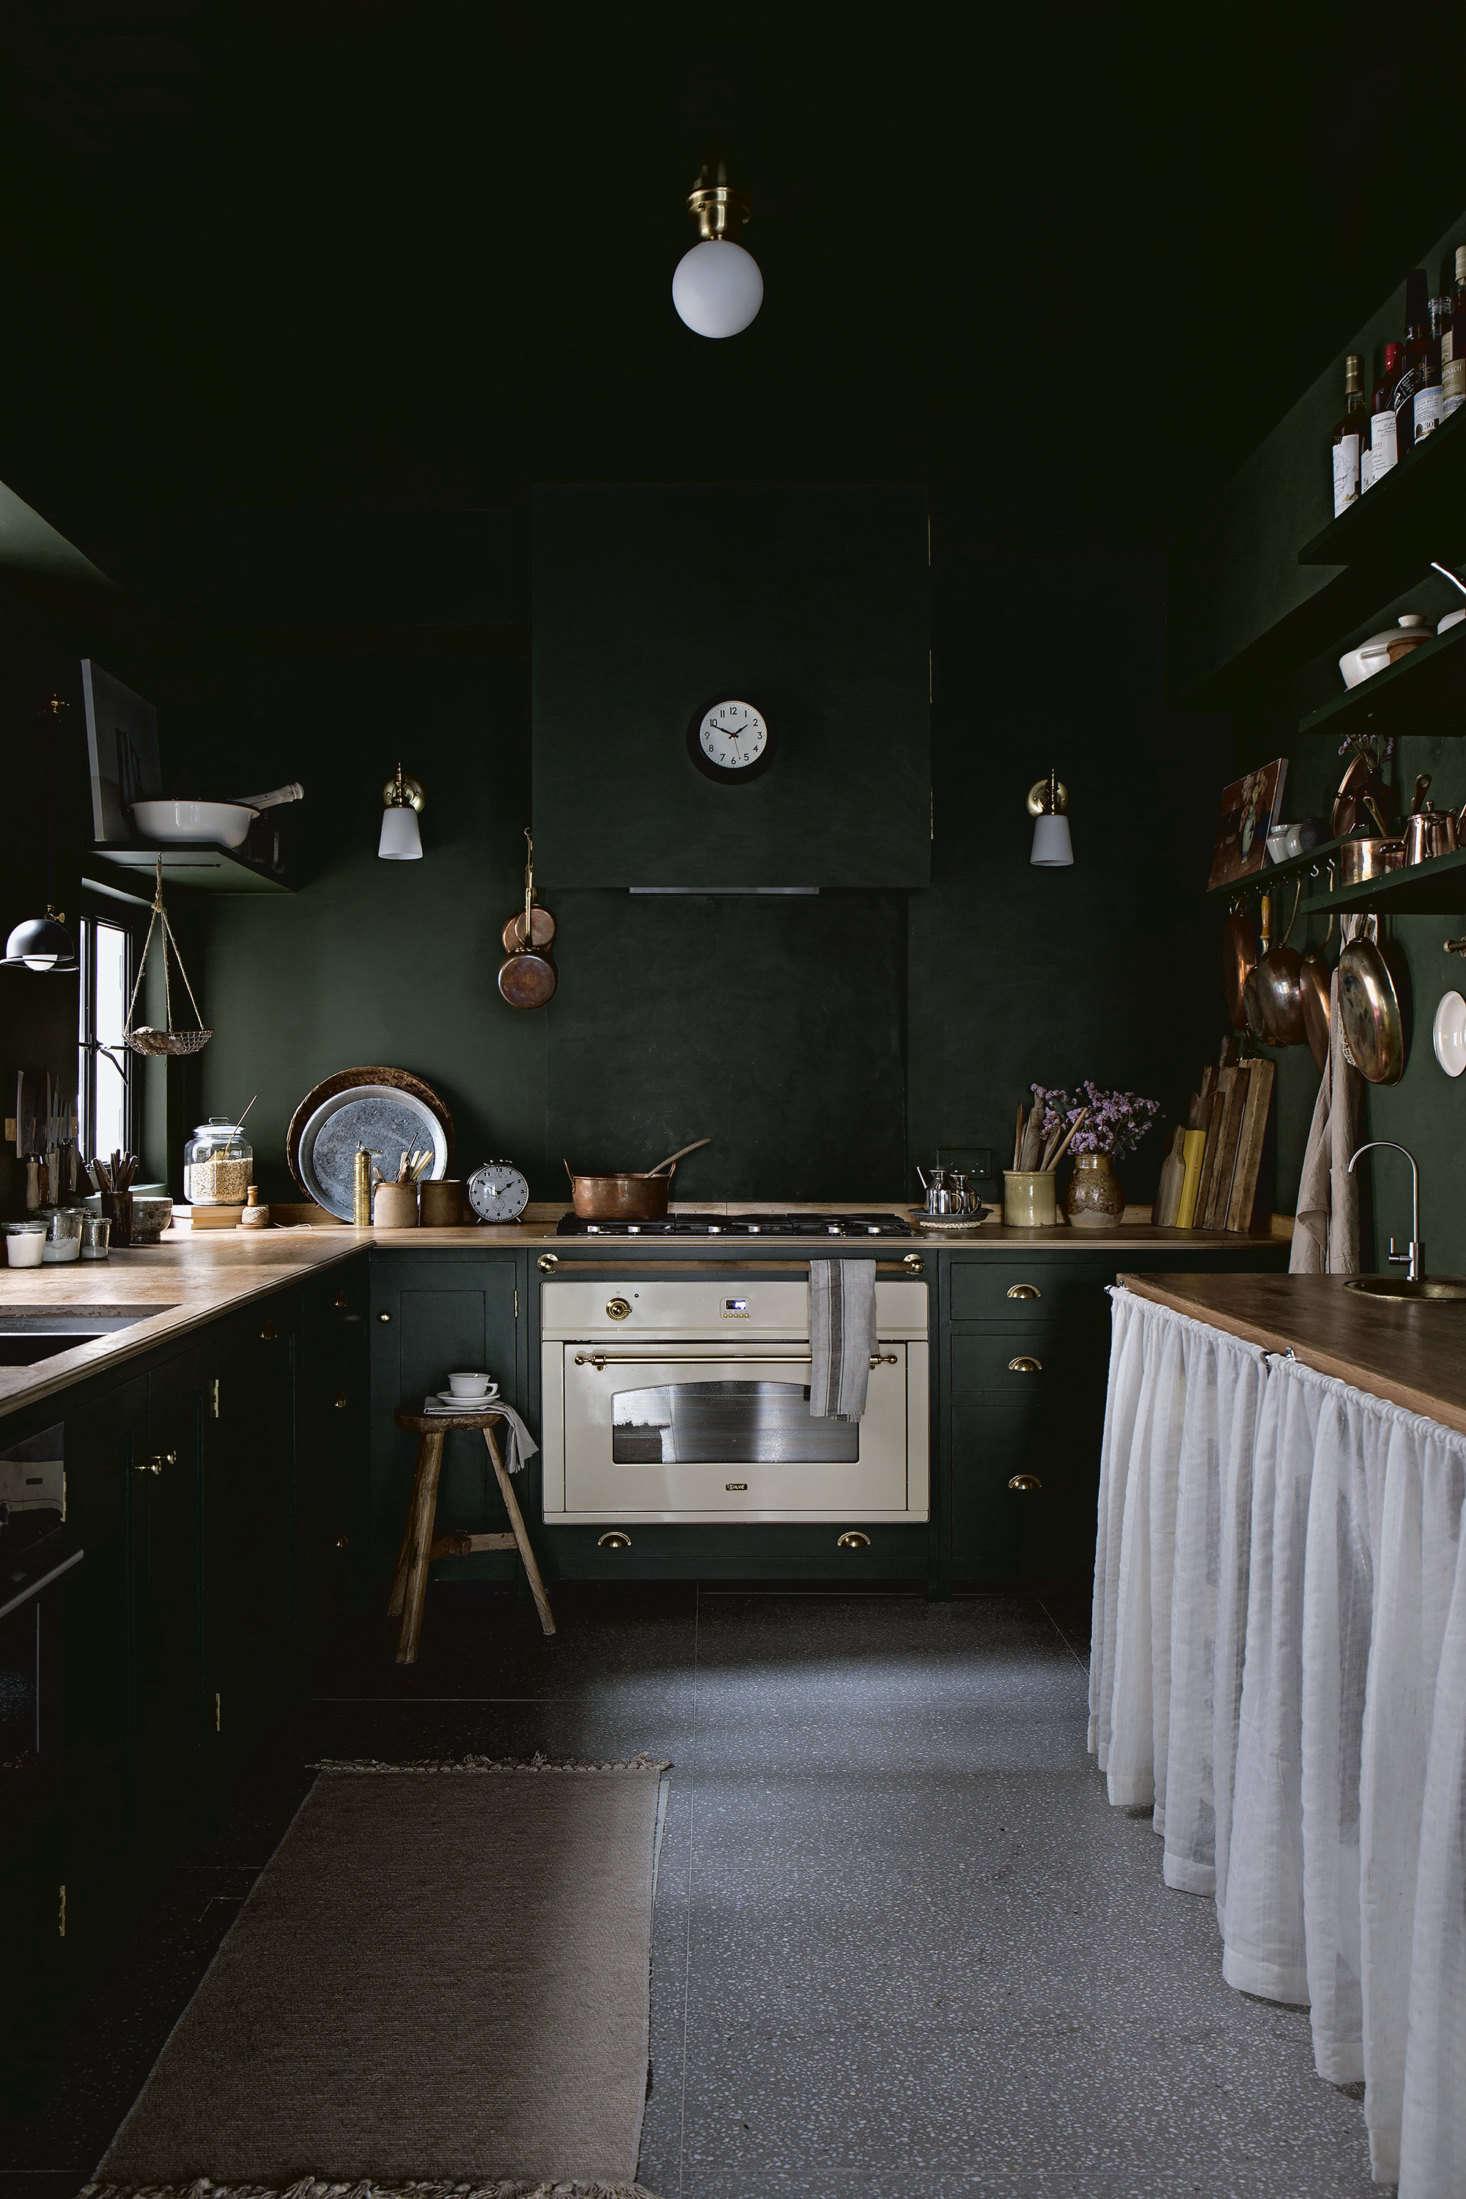 """曼迪,她的管家,她的小厨房,还有,包括她的设计,包括他的设计和小品牌,甚至在她的眉毛上,甚至是""""把它卖给了""""小男孩""""。她也用了一份油漆和墙壁,用墙的颜色,把它盖上。从李·李·巴斯公园里,""""从""""热窝""""里,我们在家里的""""蓝家""""的餐厅。"""